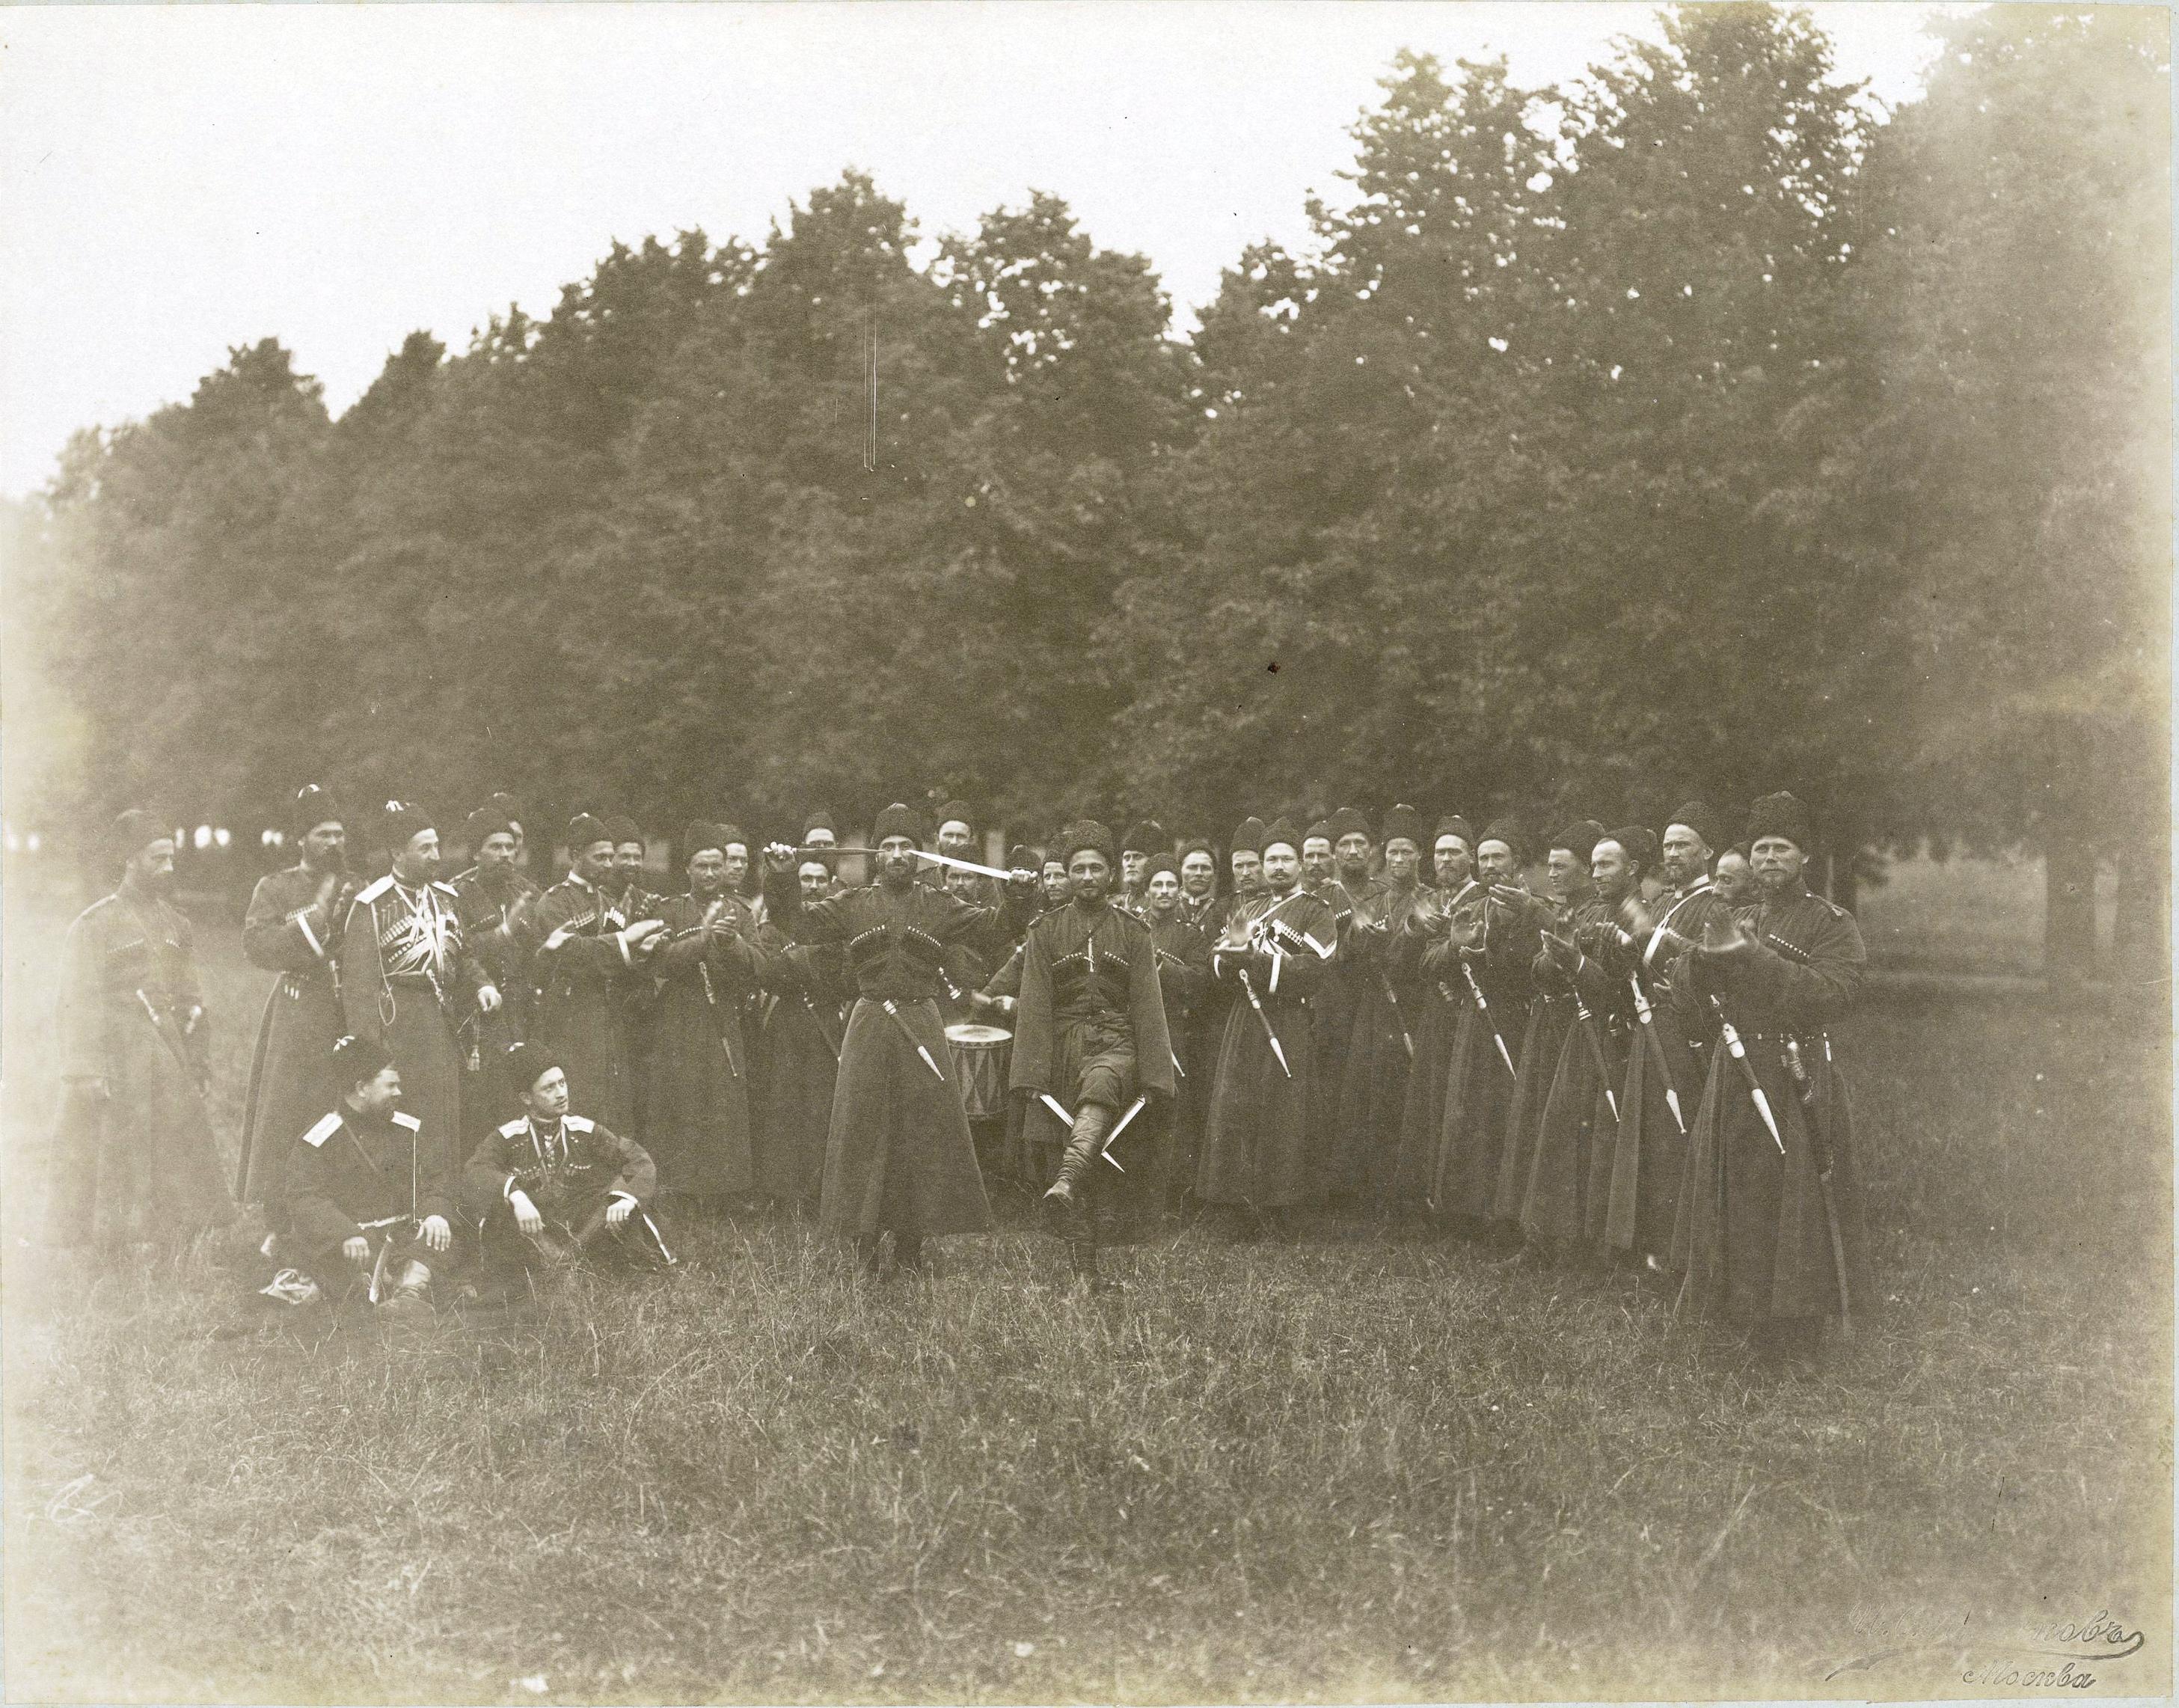 Гулянья во время коронационных торжеств. В парке группа танцоров в казацких национальных костюмах.1896